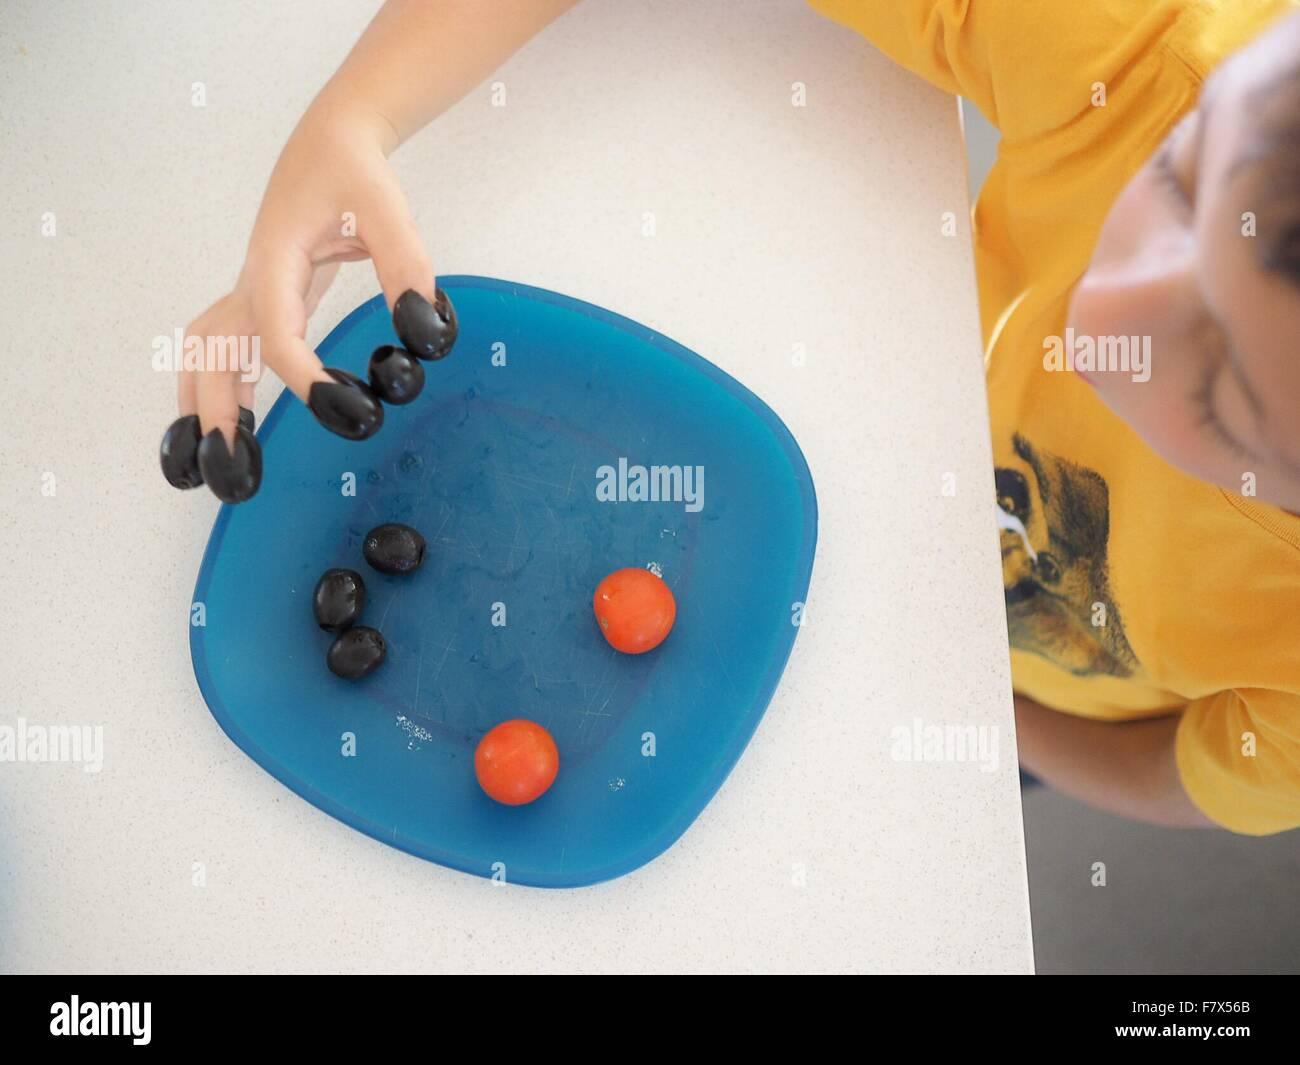 Junge mit seinem Essen, Oliven auf seine Finger spielen Stockbild